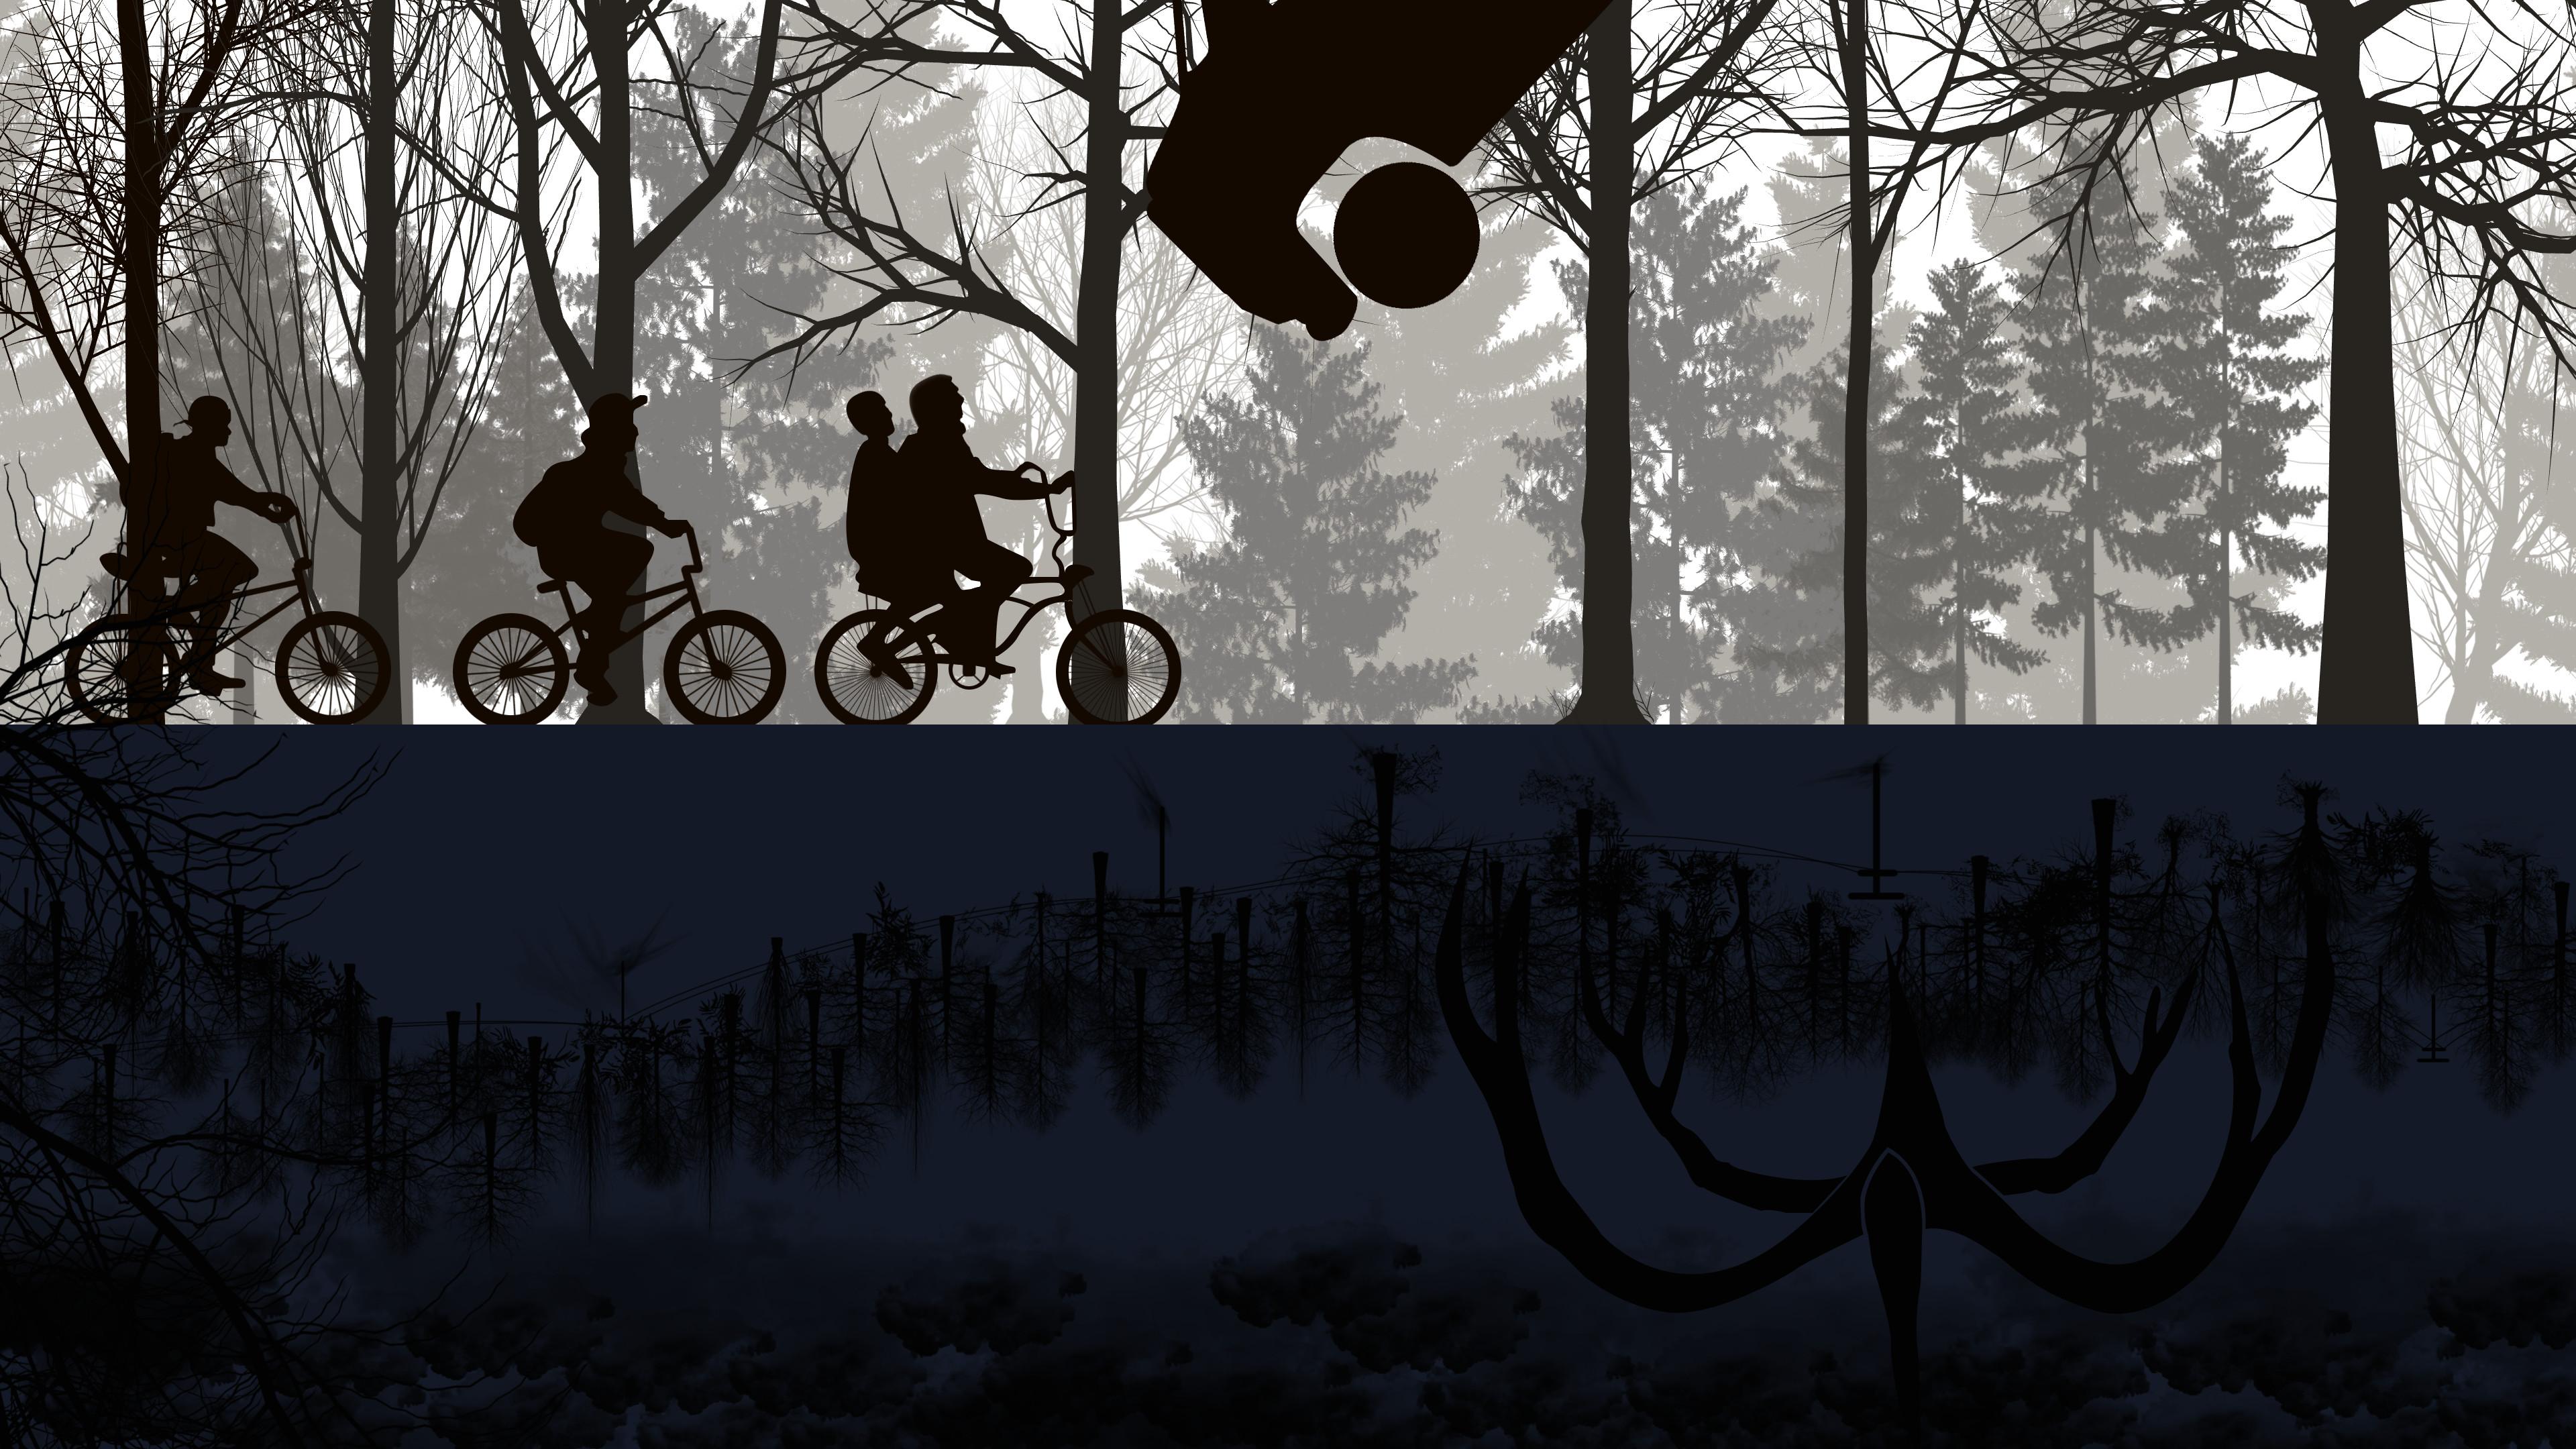 Wallpaper stranger things netflix tv bicycle 4k - Stranger things desktop wallpaper ...